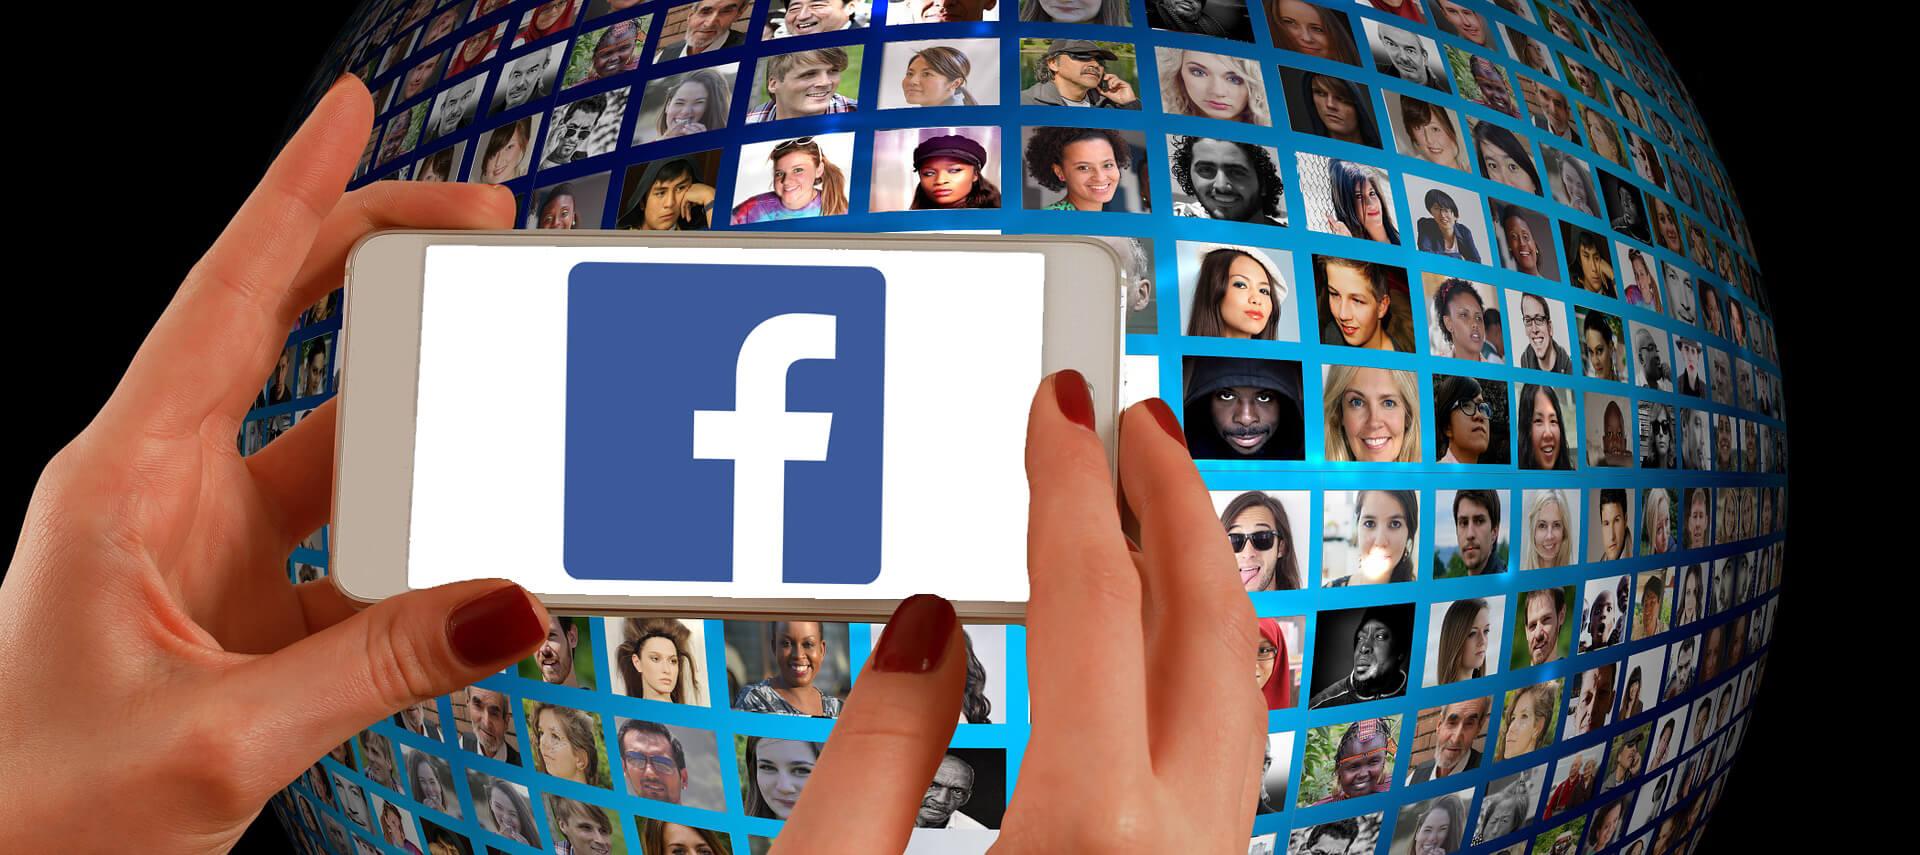 Freunde profilbesucher facebook vorschläge Niemand kann